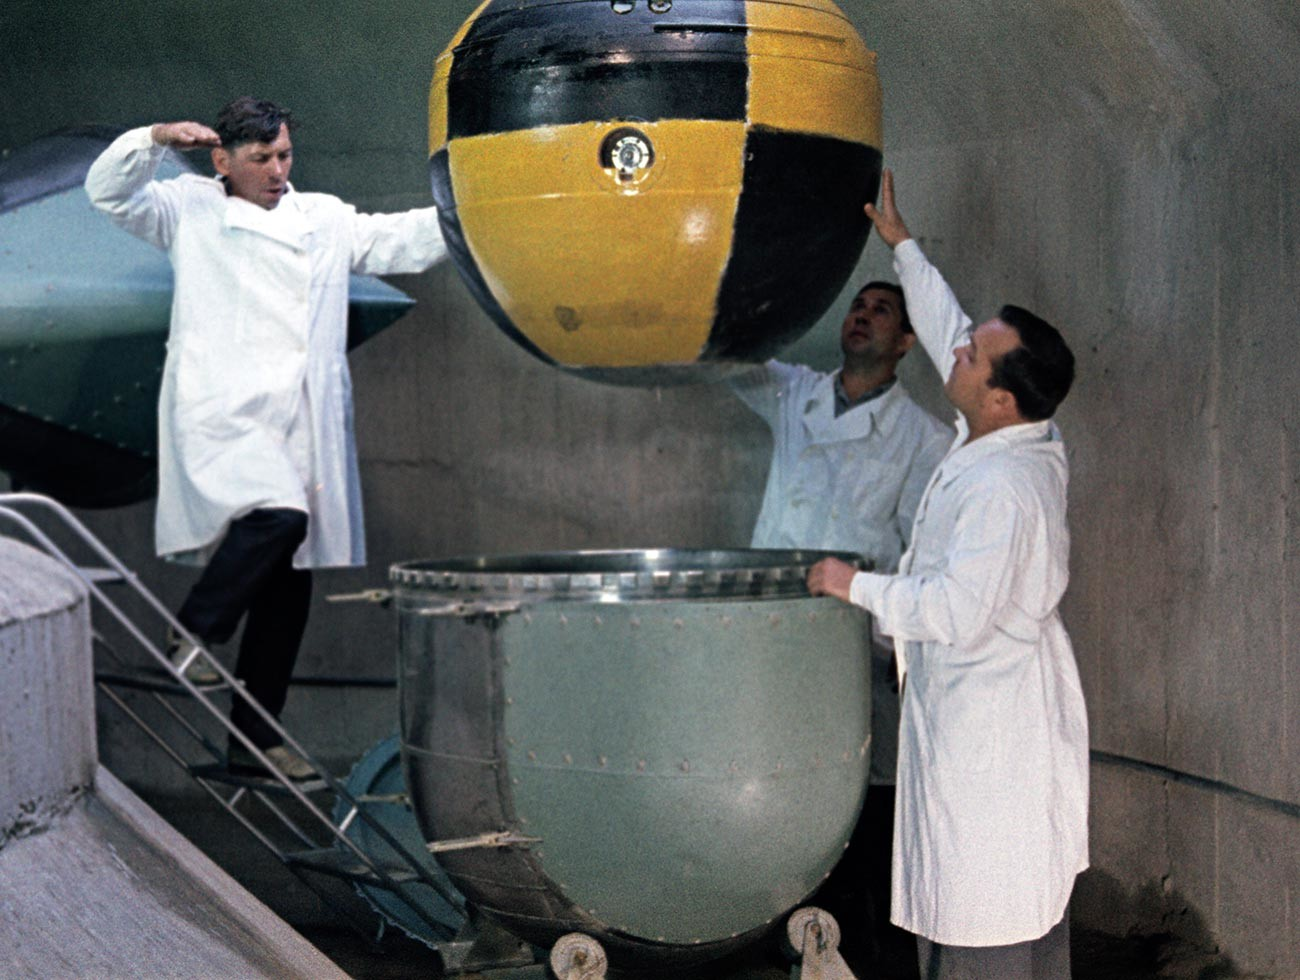 Istraživači se pripremaju da centrifugom testiraju sondu automatske međuplanetarne stanice